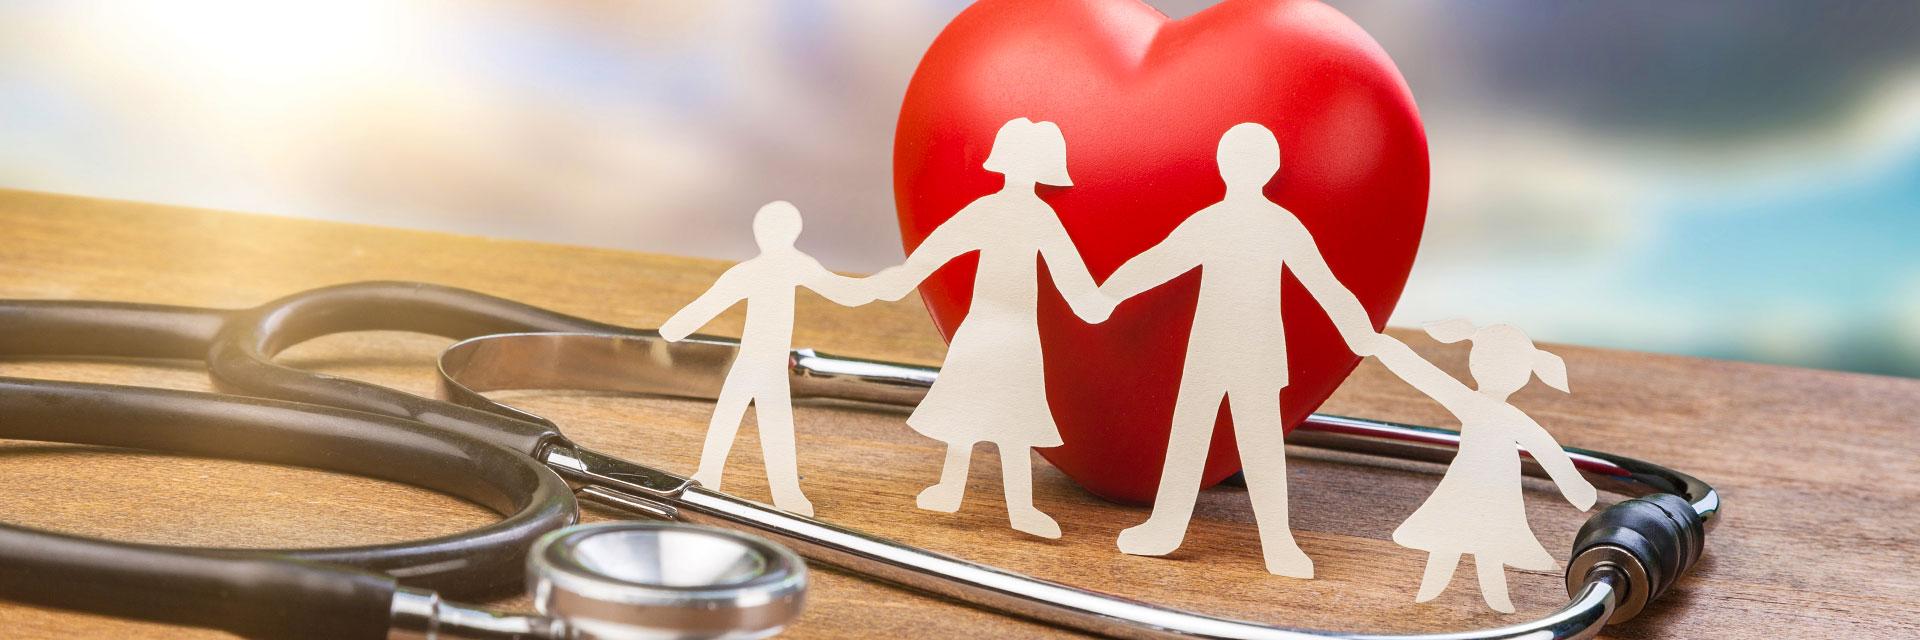 ביטוחים למשפחה